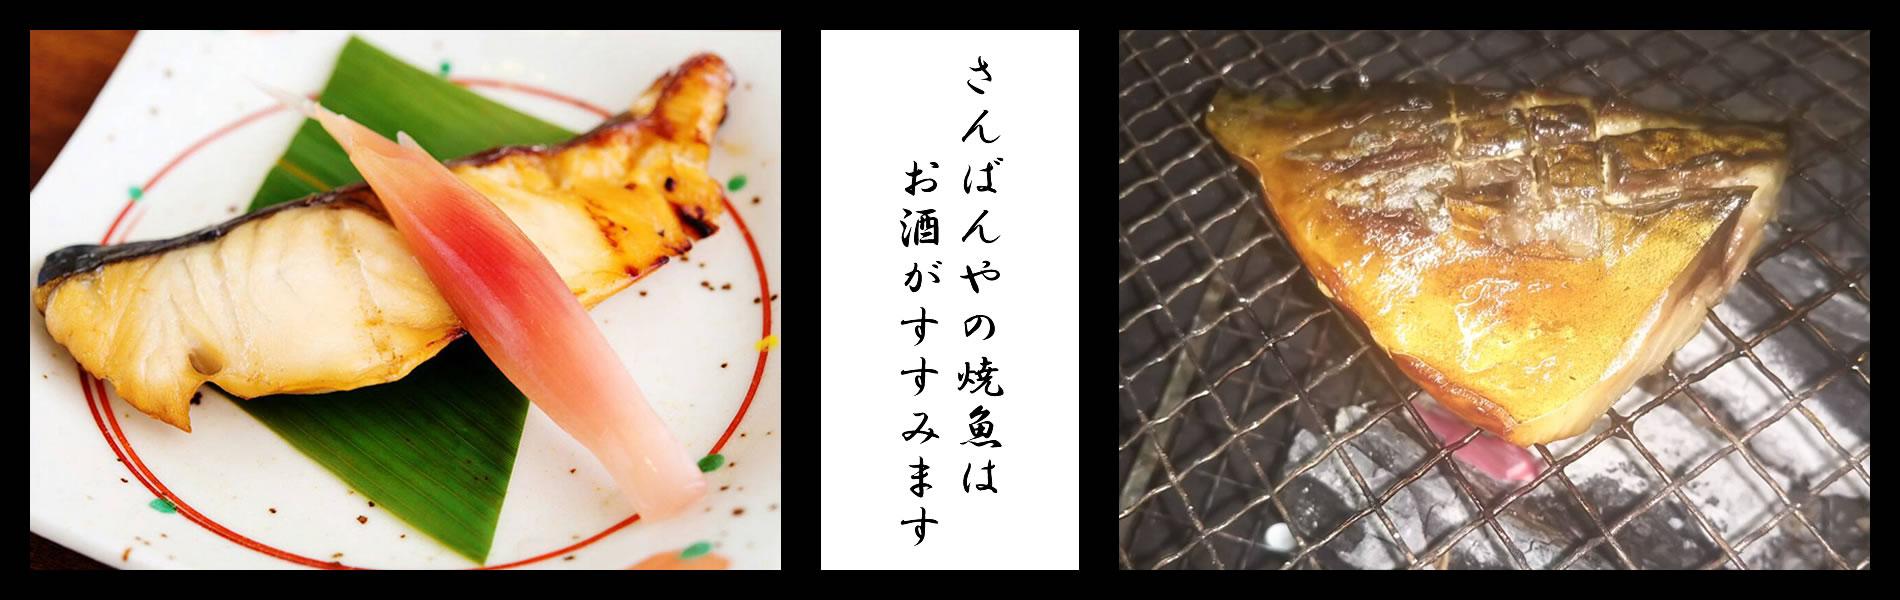 さんばんやの焼き魚はお酒がすすみます